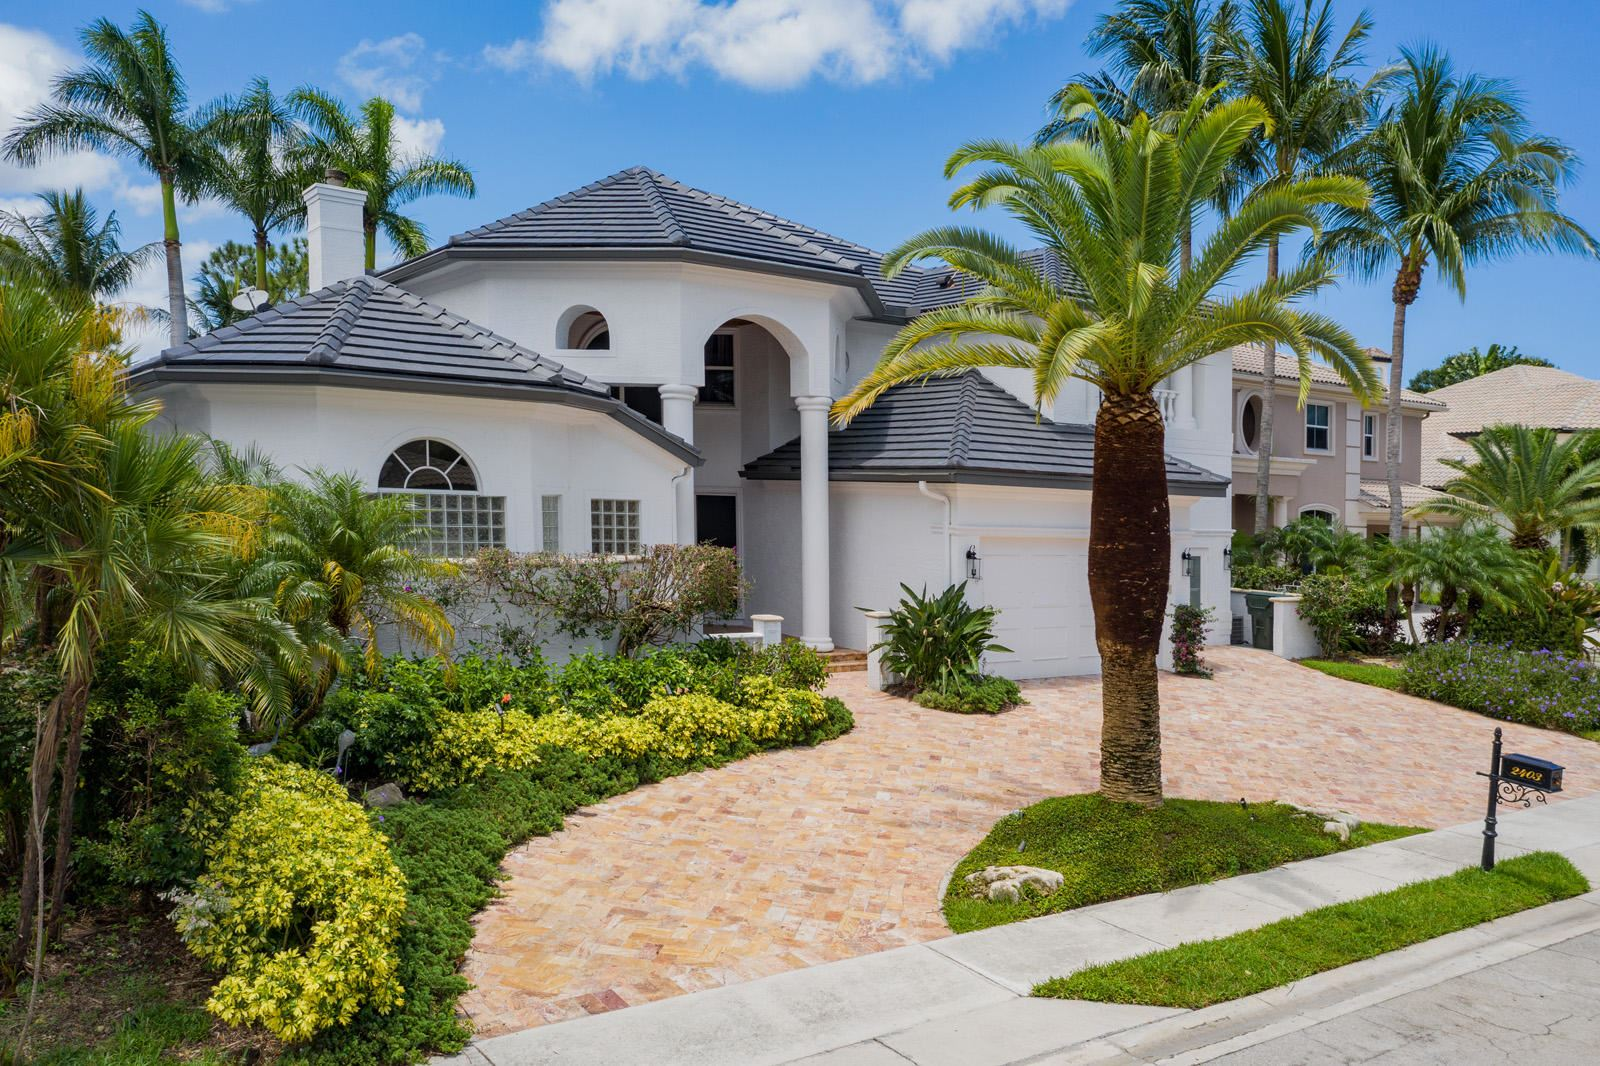 2403 NW 49th Lane, Boca Raton, FL 33431 - #: RX-10630551